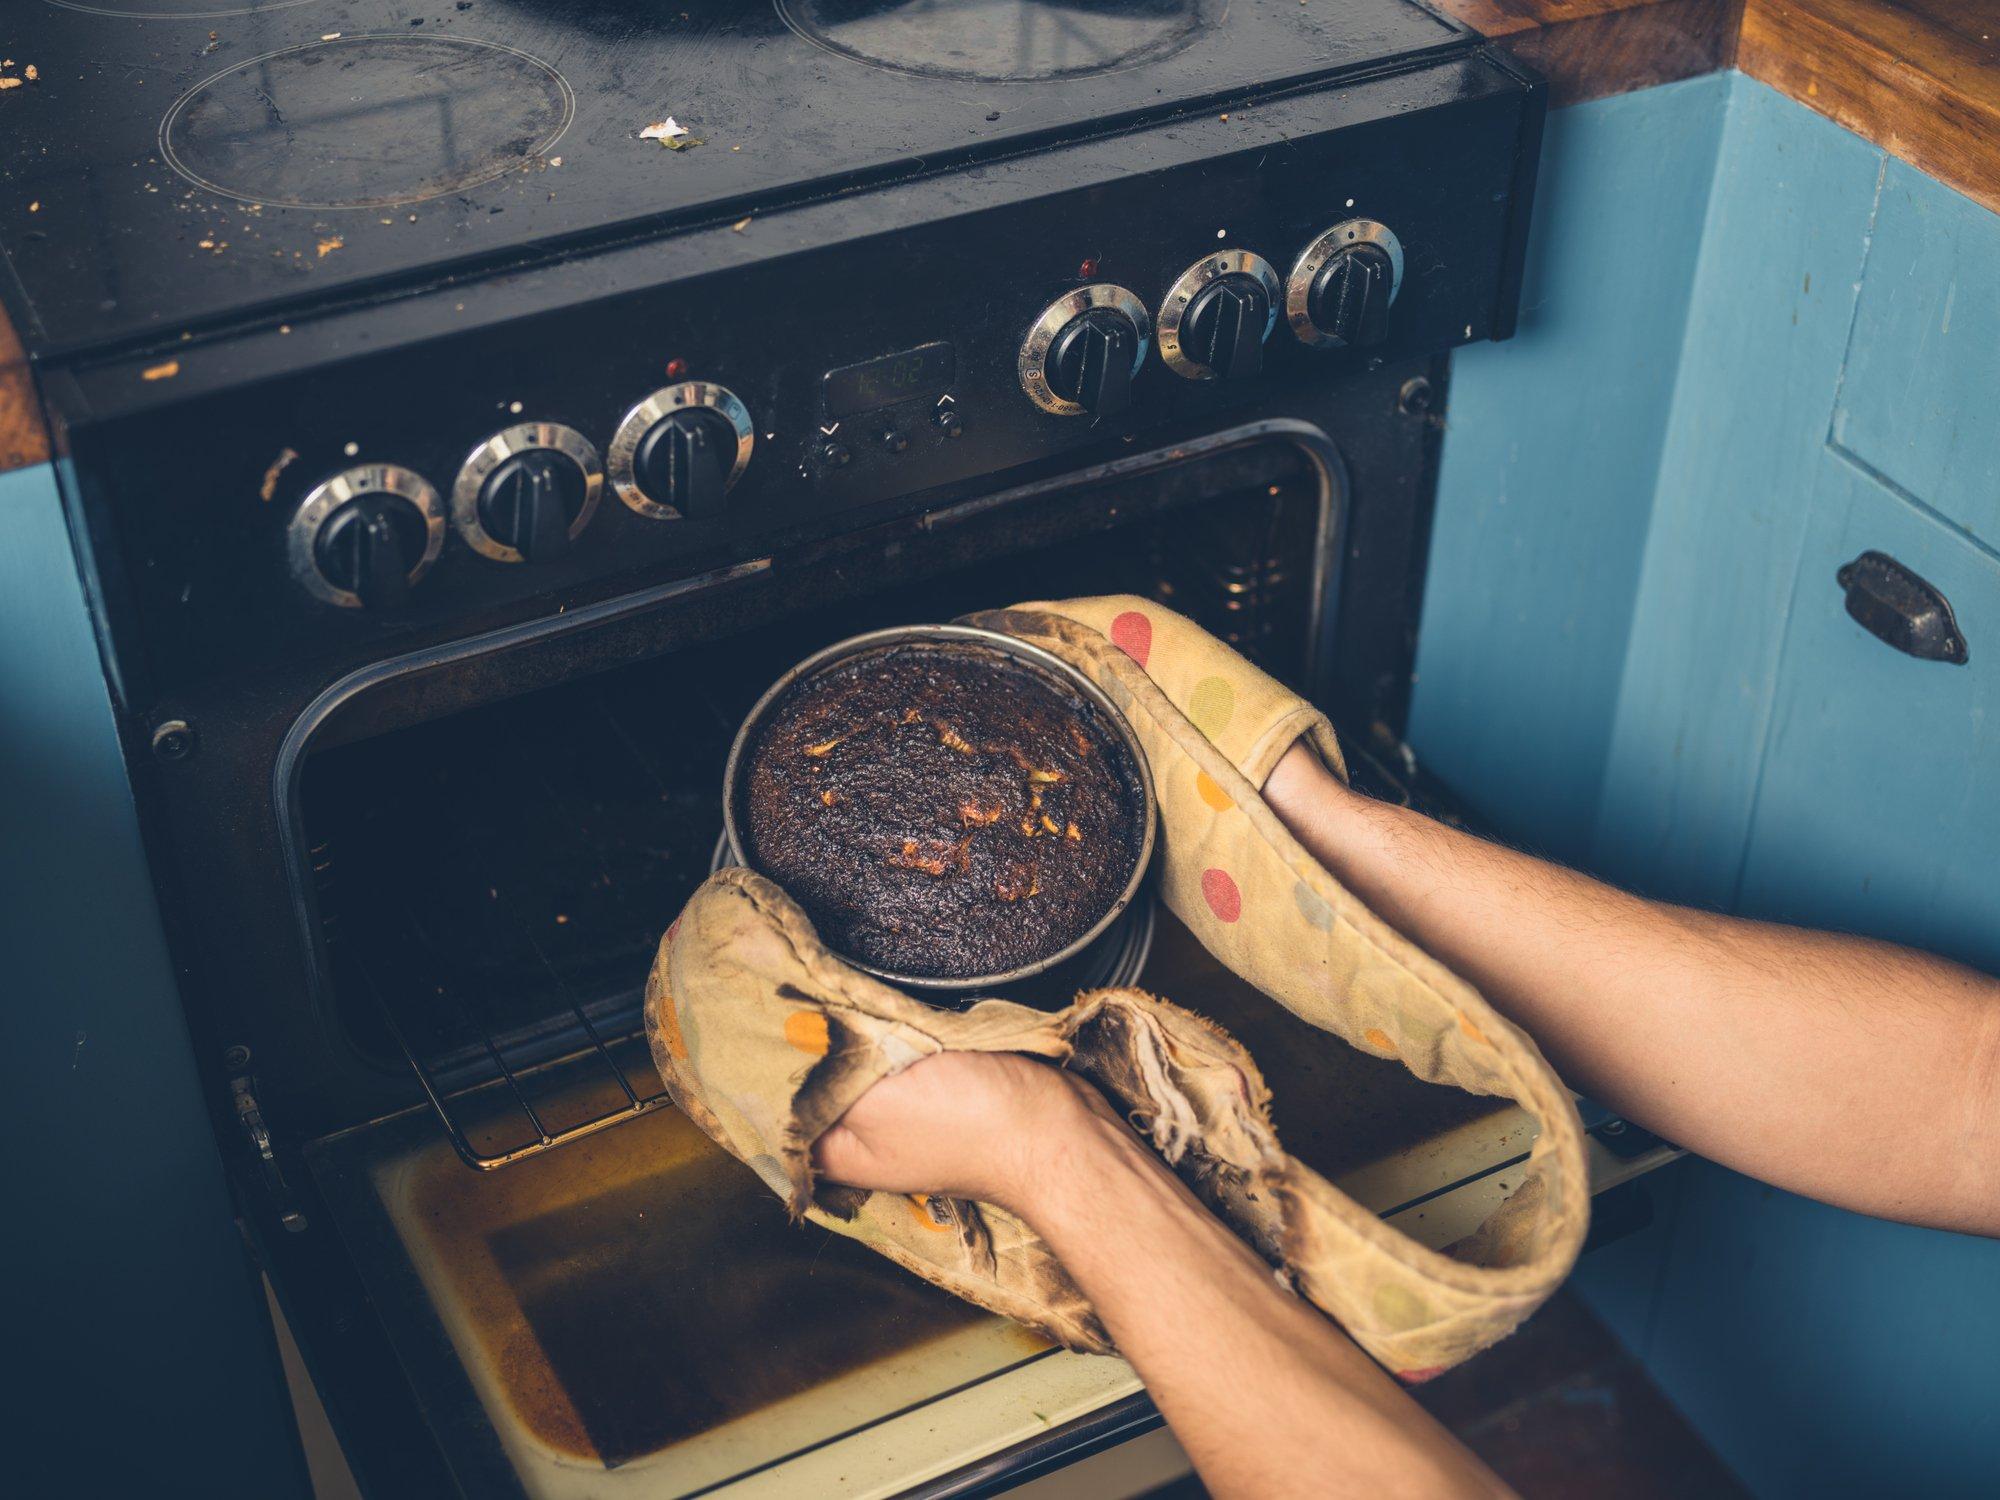 pastel quemado saliendo del horno